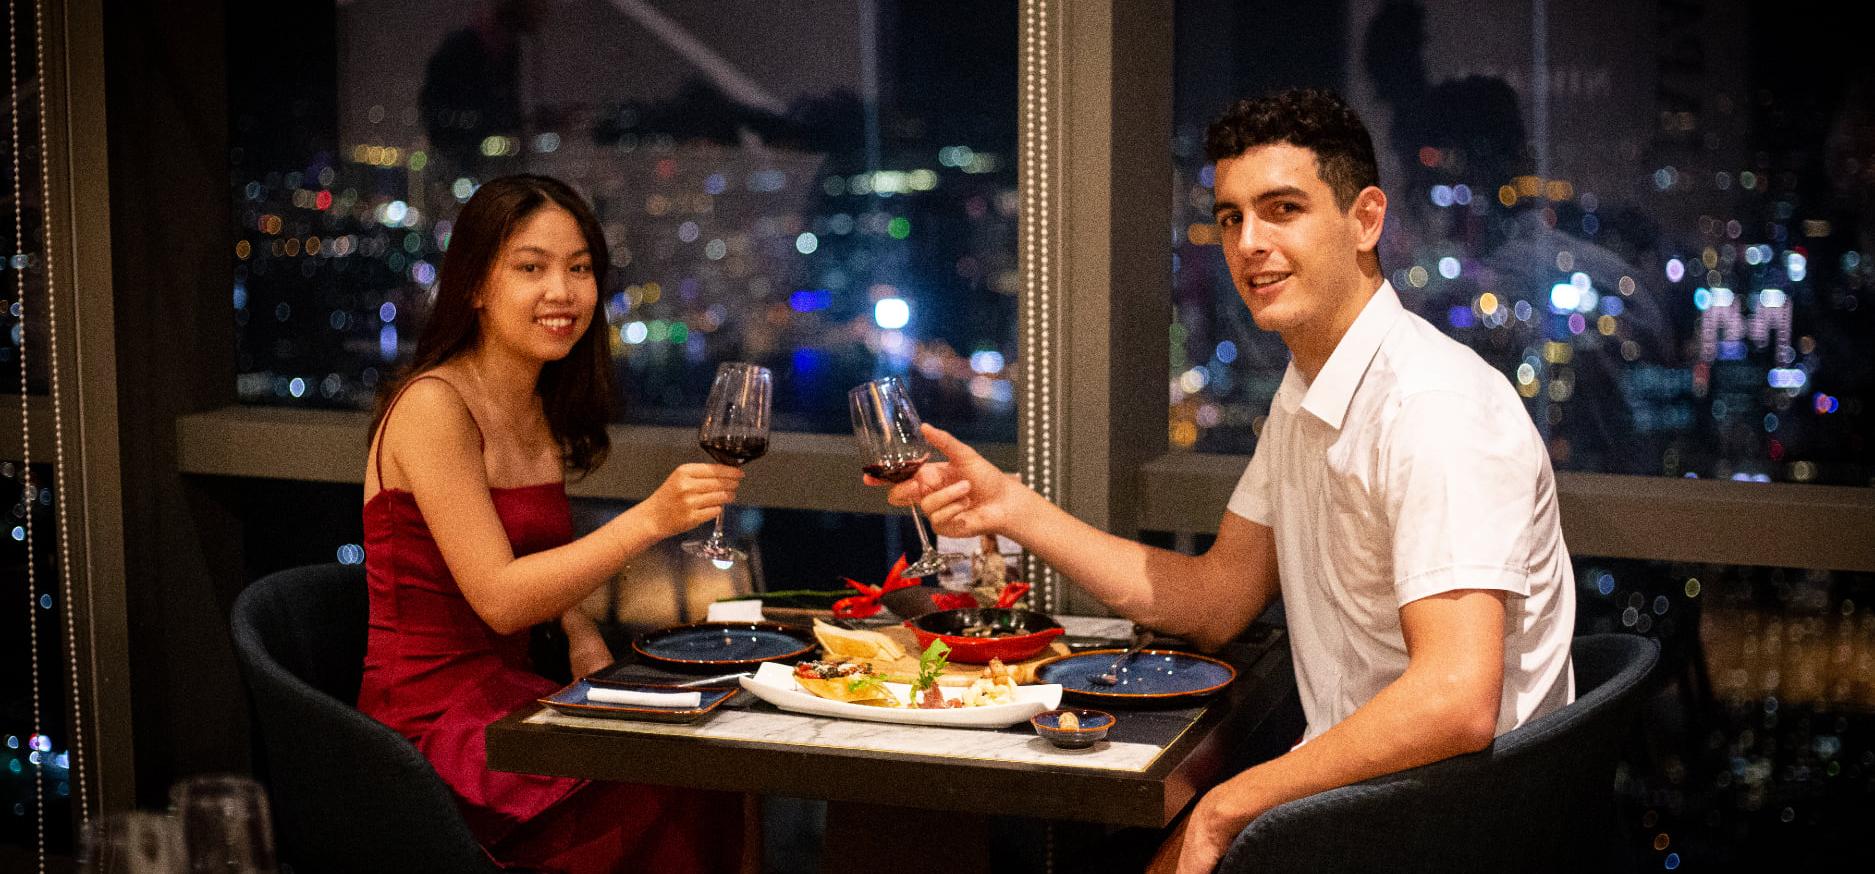 nhà hàng tỏ tình lãng mạn